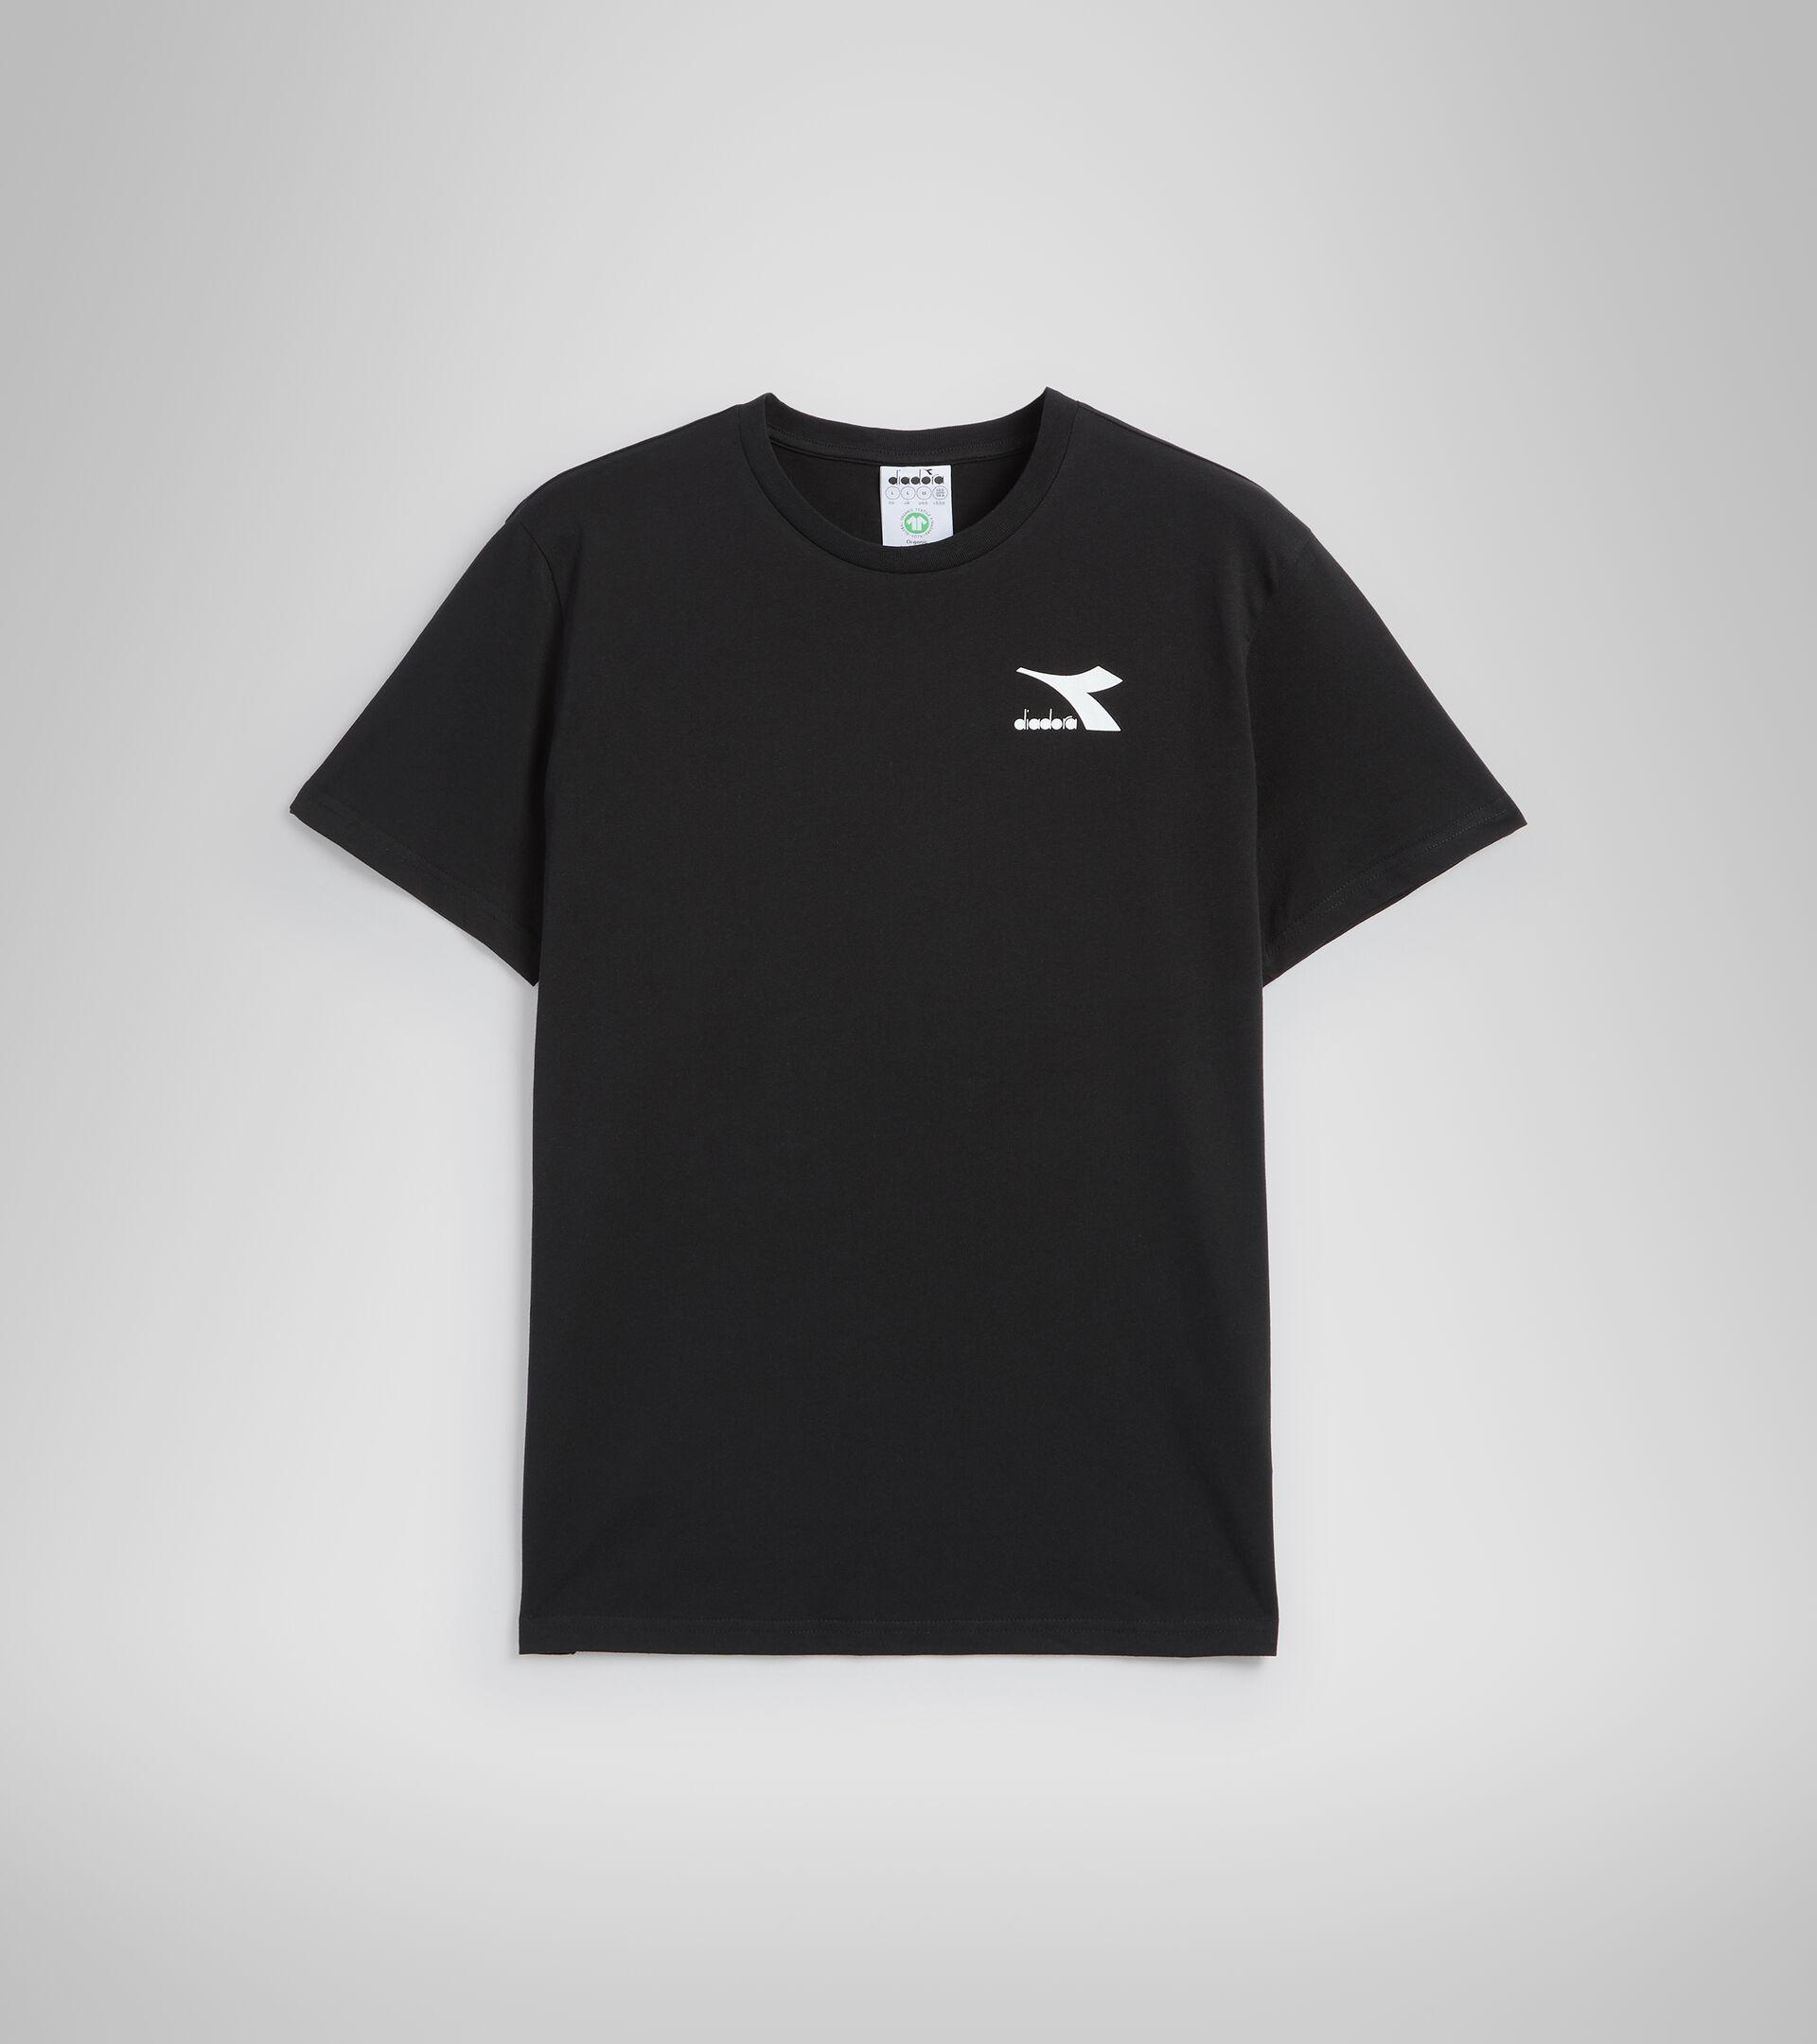 Camiseta - Hombre T-SHIRT SS CHROMIA NEGRO - Diadora